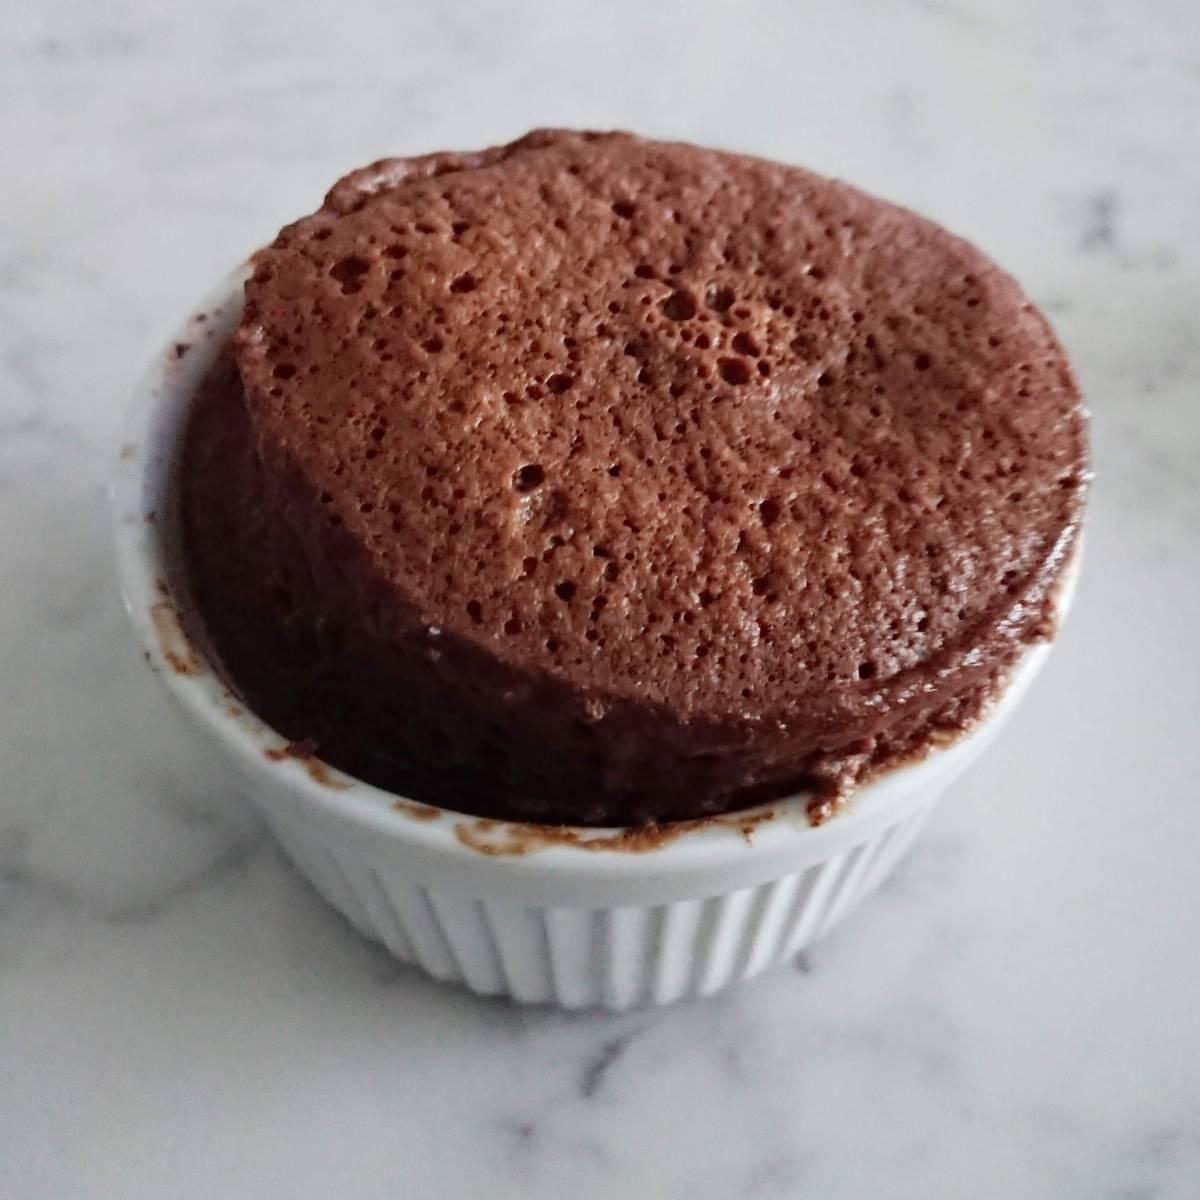 Keto Mocha Mug Cake - 4 Net Carbs